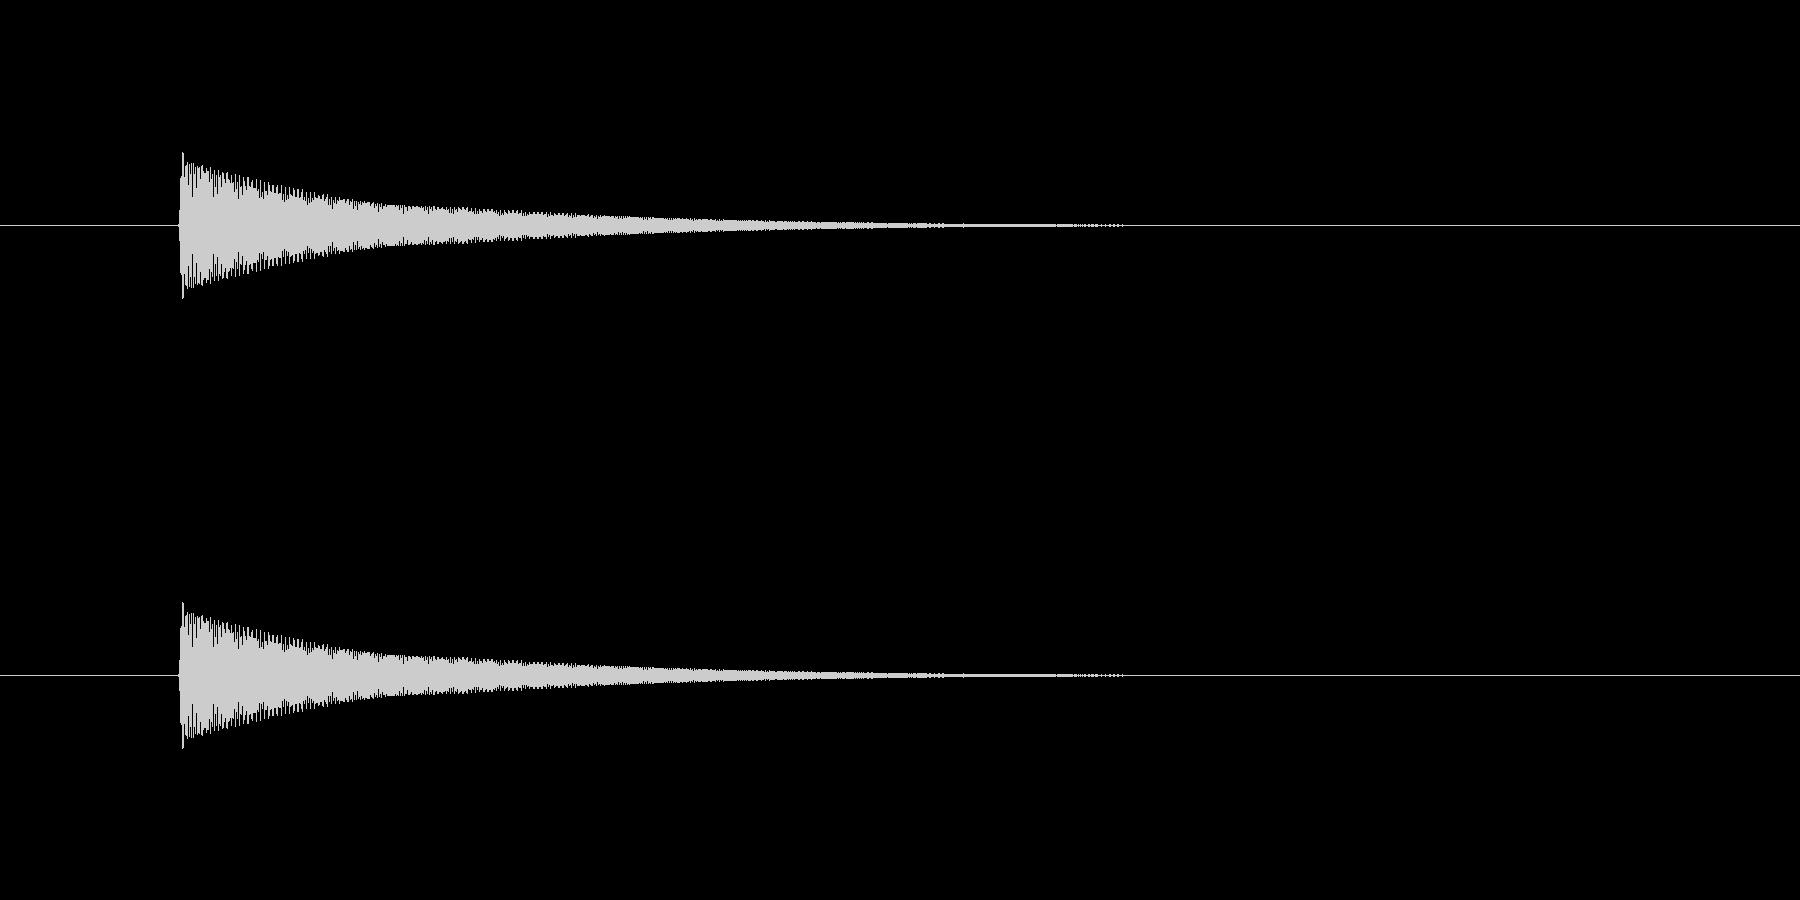 「ポン」というカーソル移動、クリック音の未再生の波形